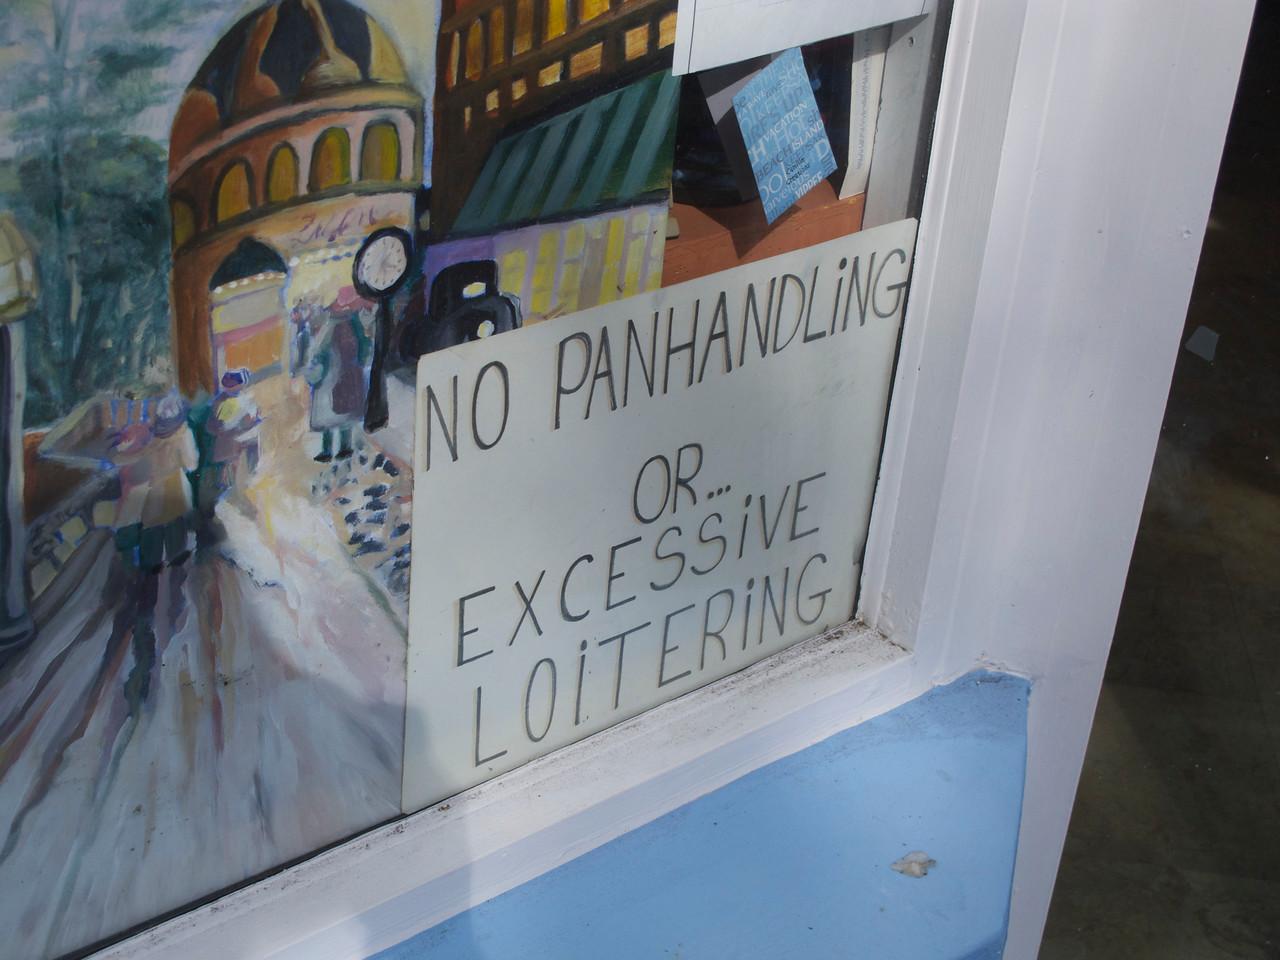 """""""Excessive"""" loitering? Hmm... ."""